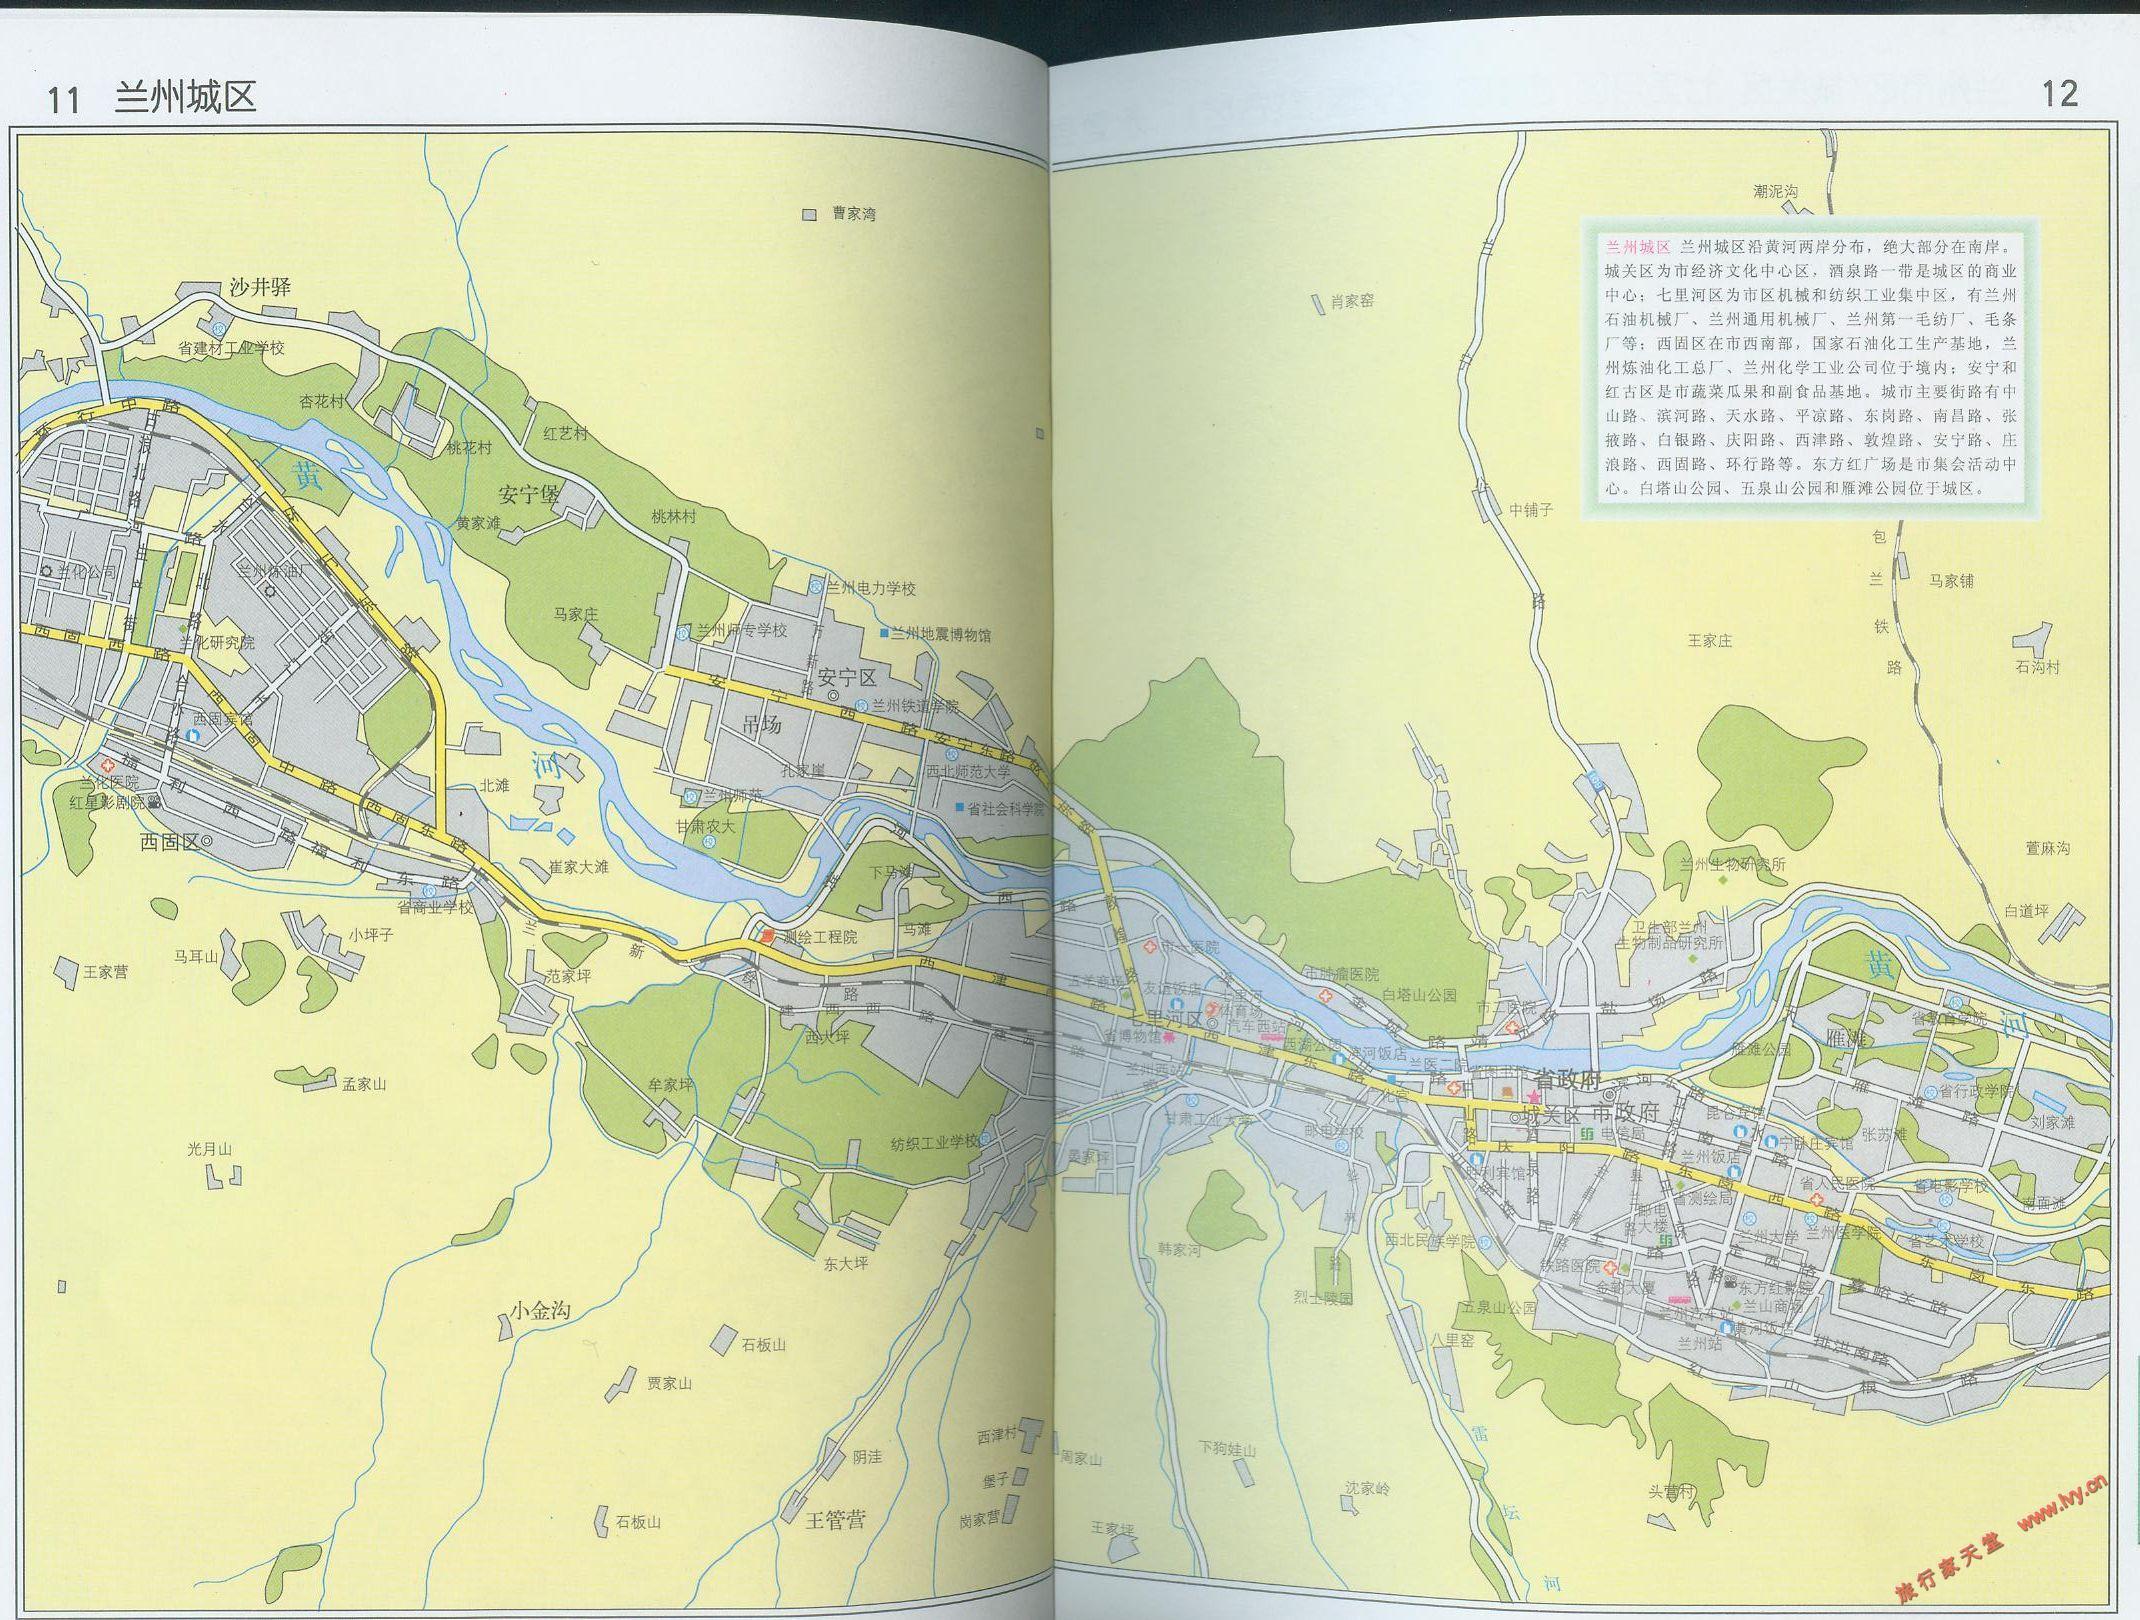 兰州市区地图